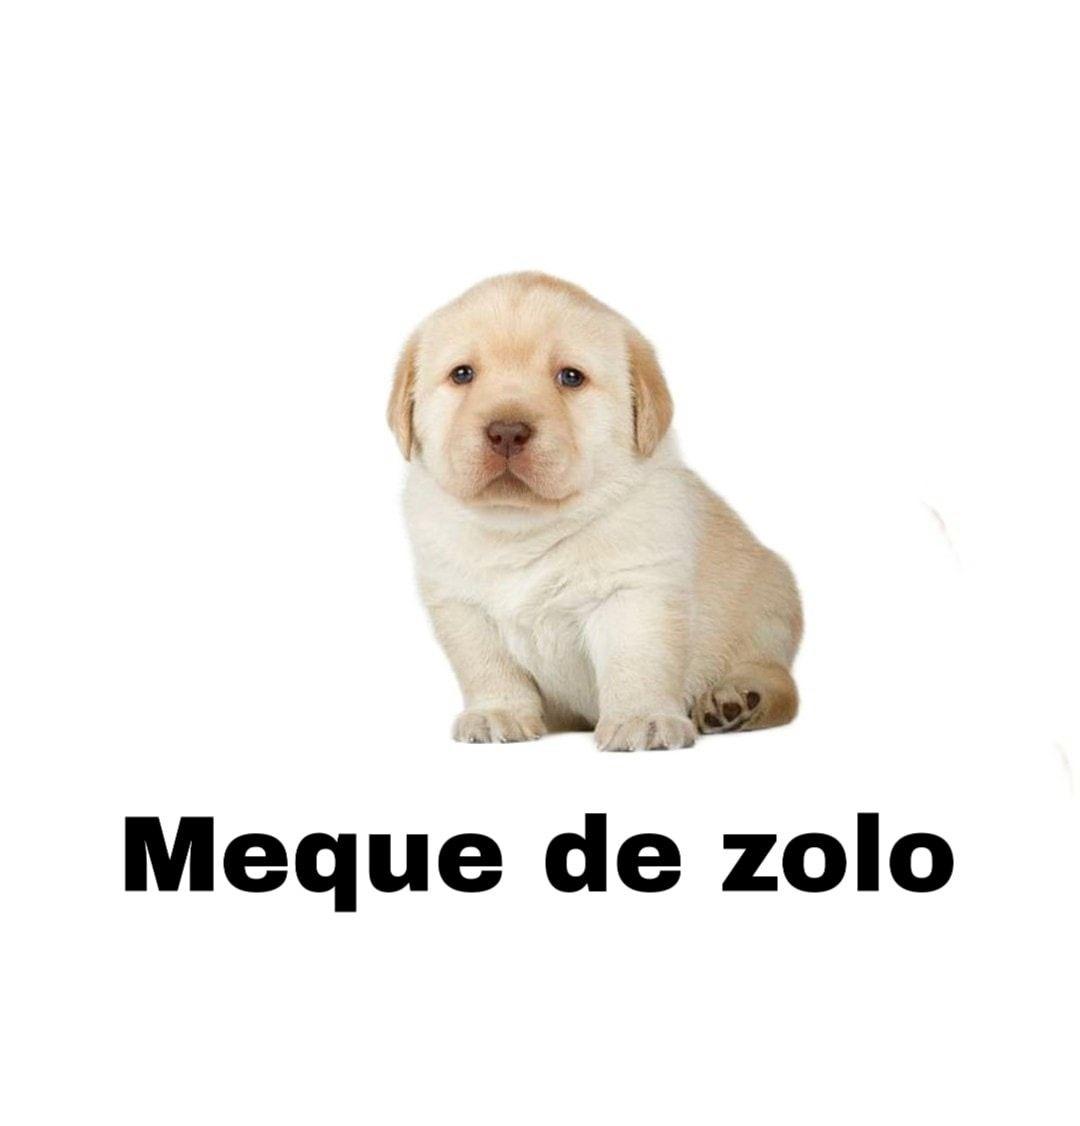 Pin De Lin Toffuo En Expresion Memes Divertidos Memes De Perros Chistosos Memes Perros